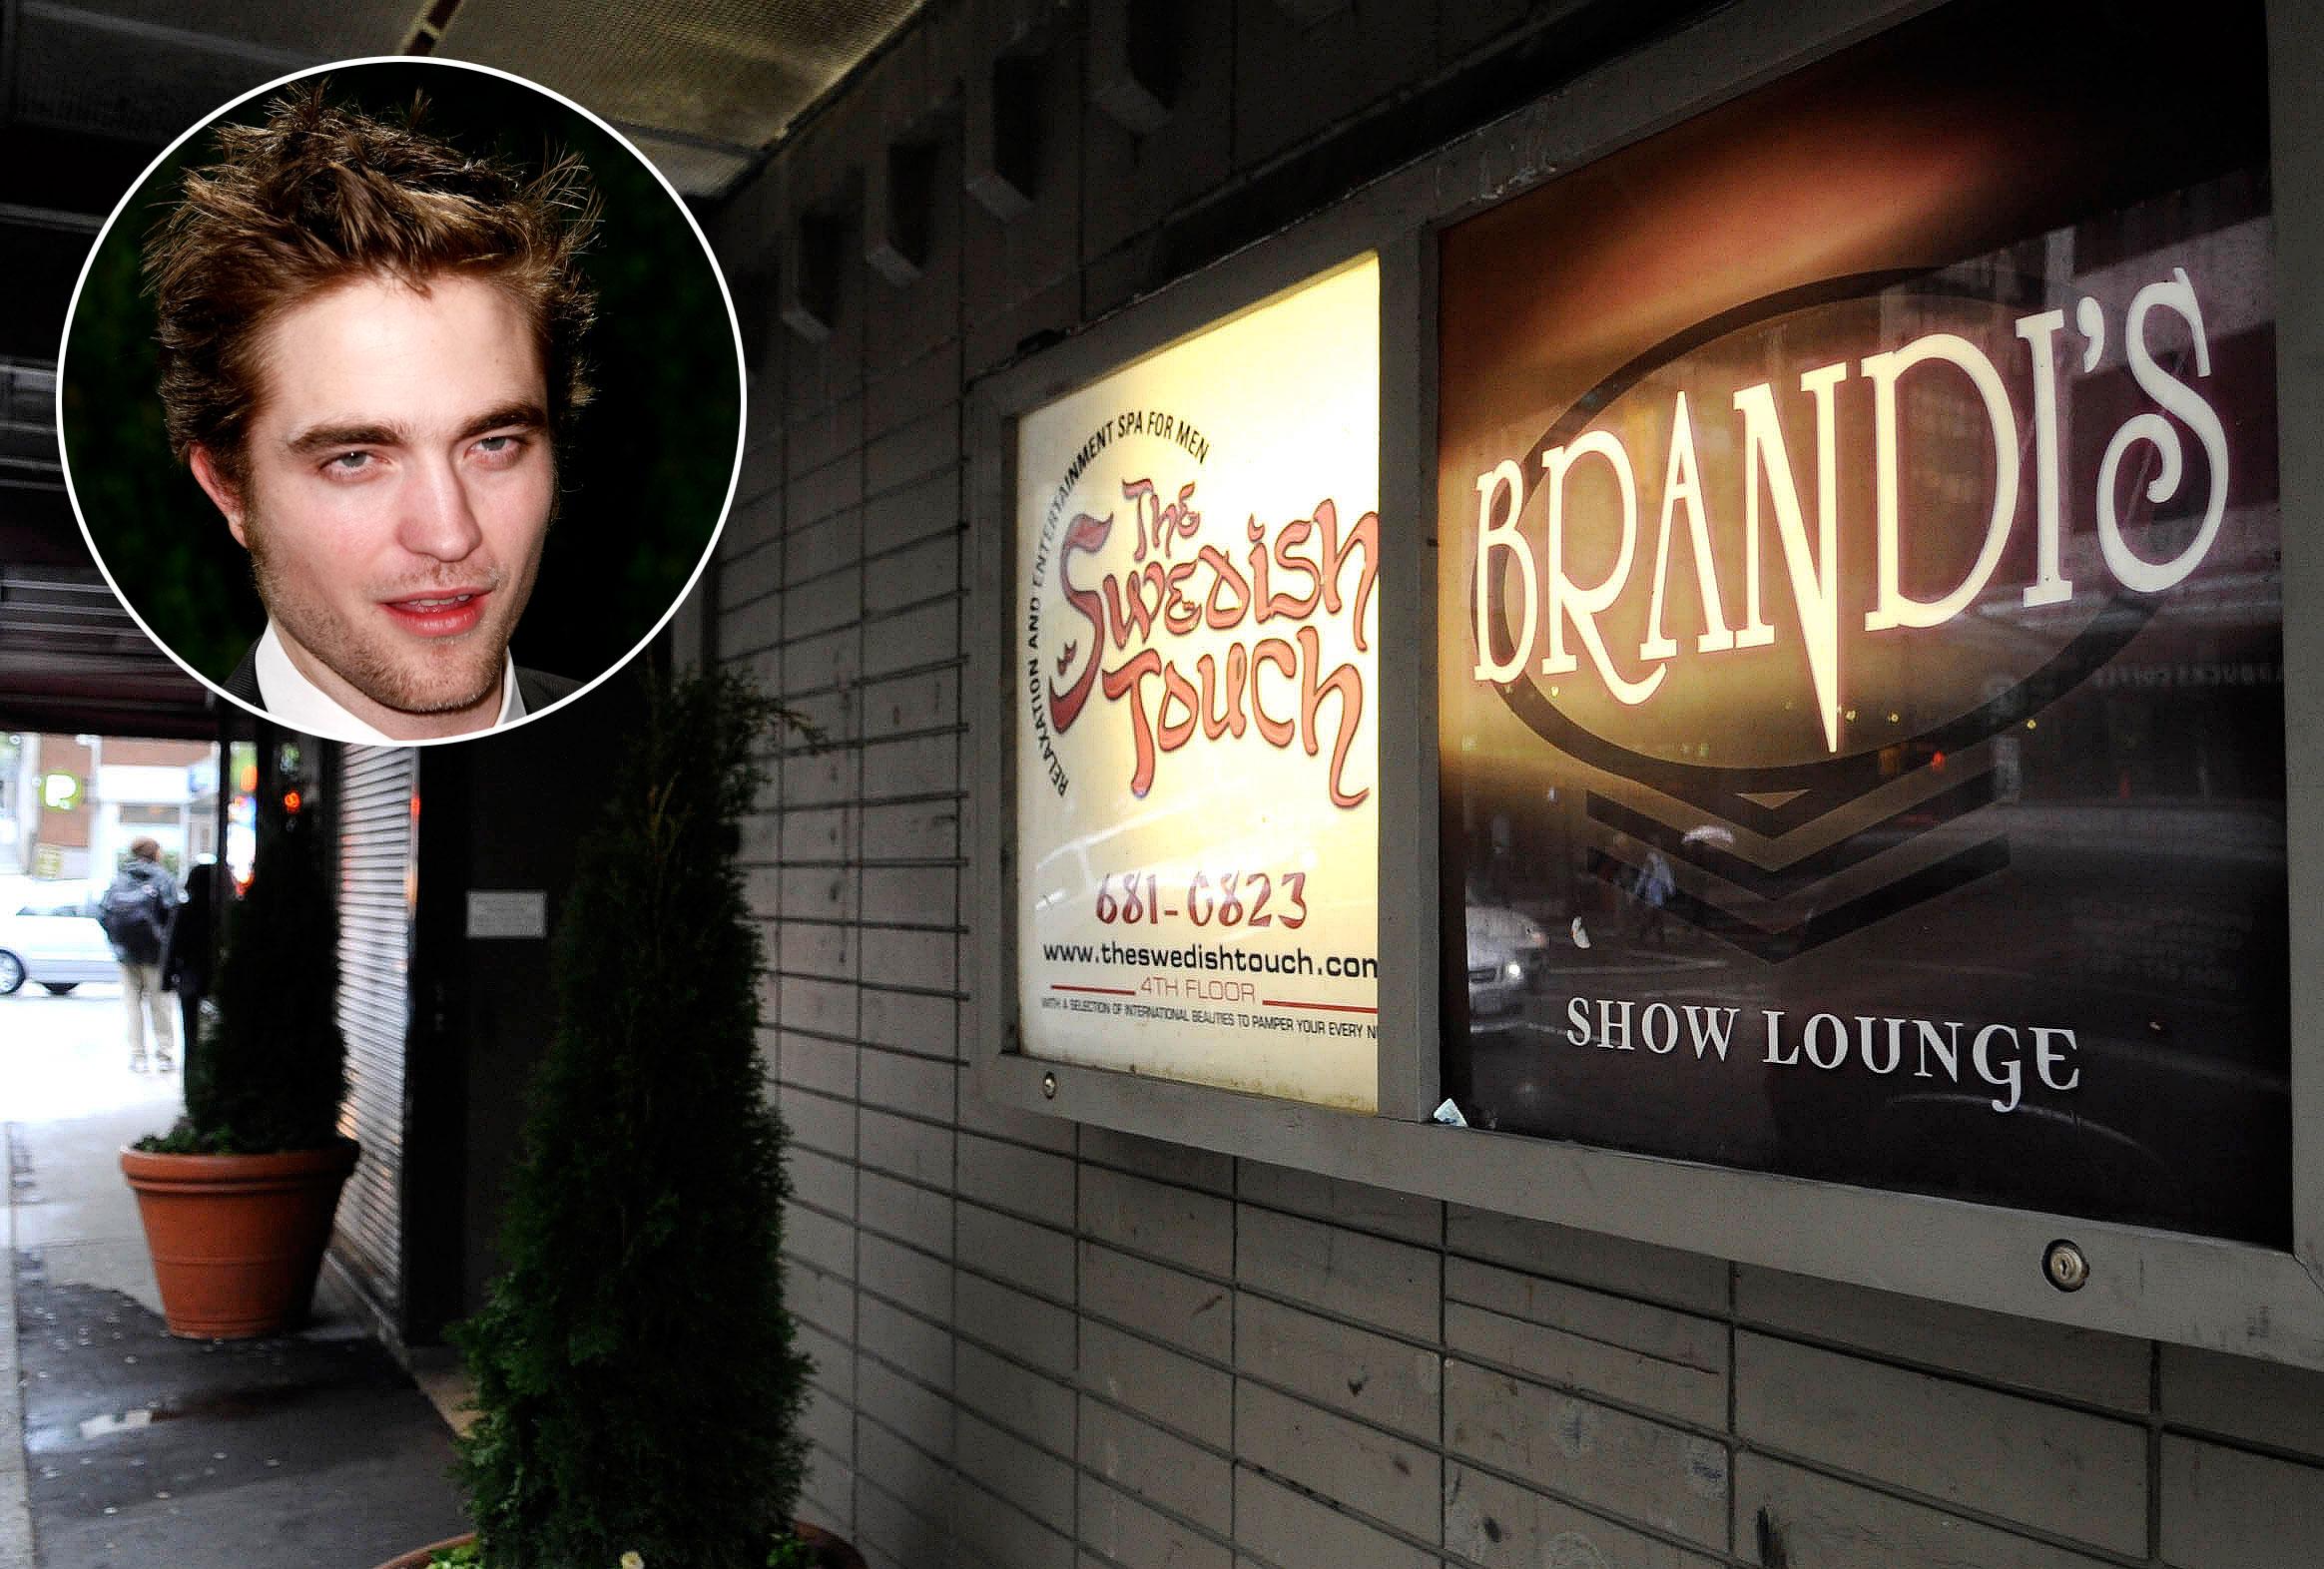 Robert Pattinson, Lap Dance Connoisseur?